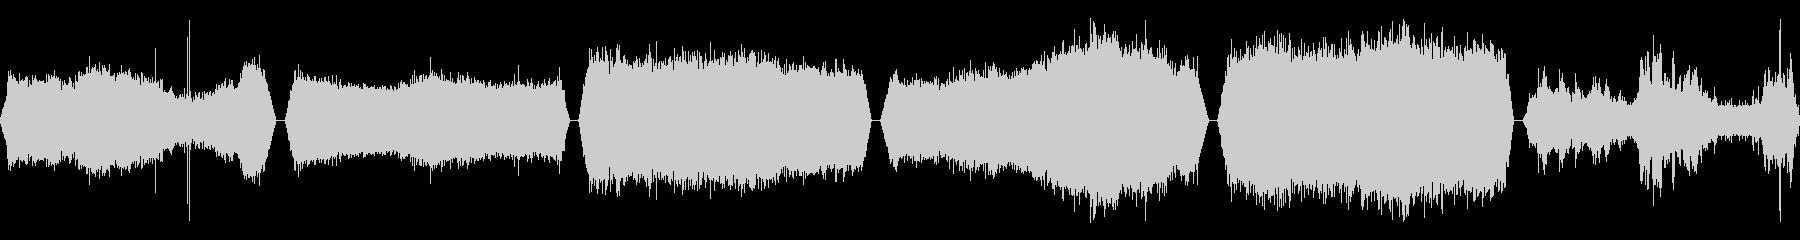 風、風、6バージョン; DIGIF...の未再生の波形